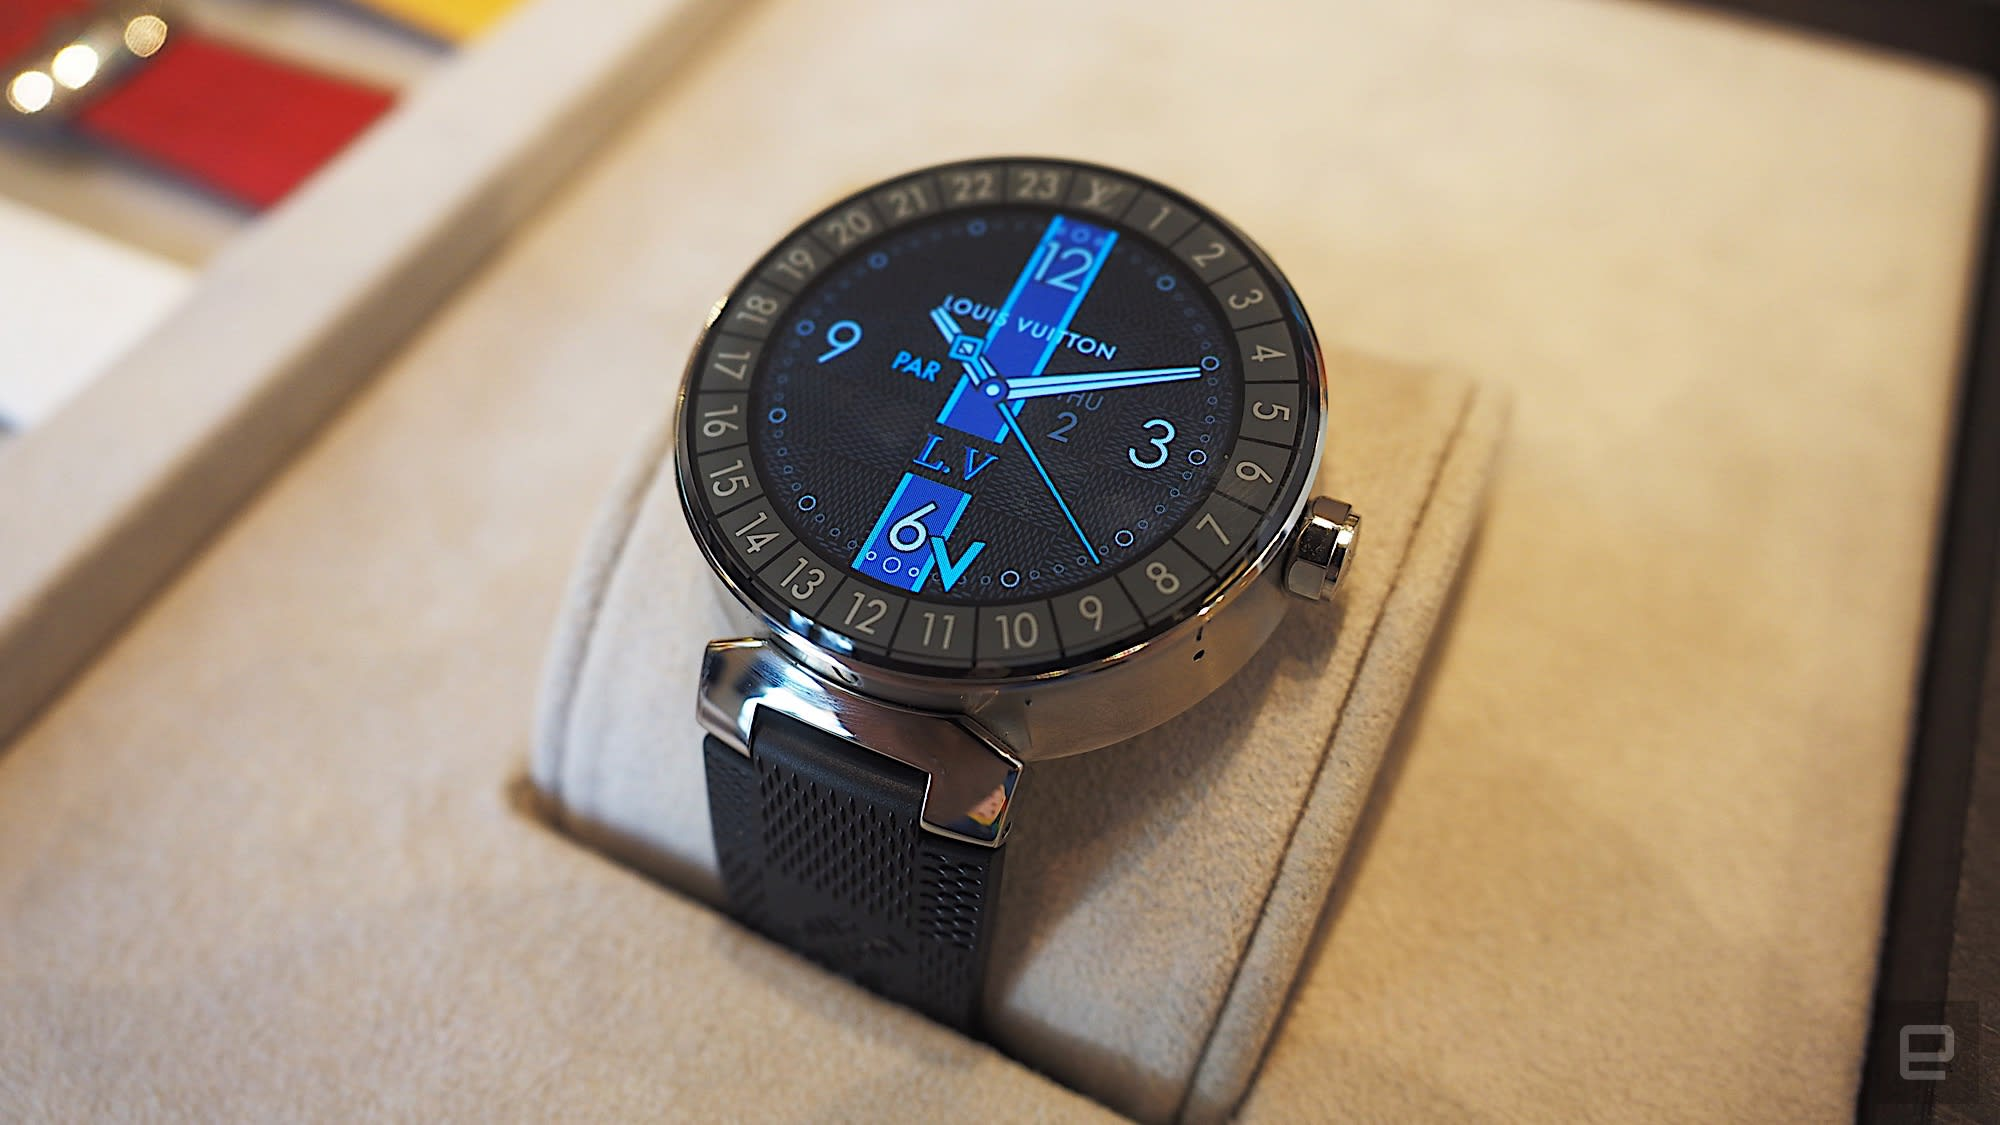 020a43ce6cc5 Así es de cerca el smartwatch de Louis Vuitton del que todo el mundo ...